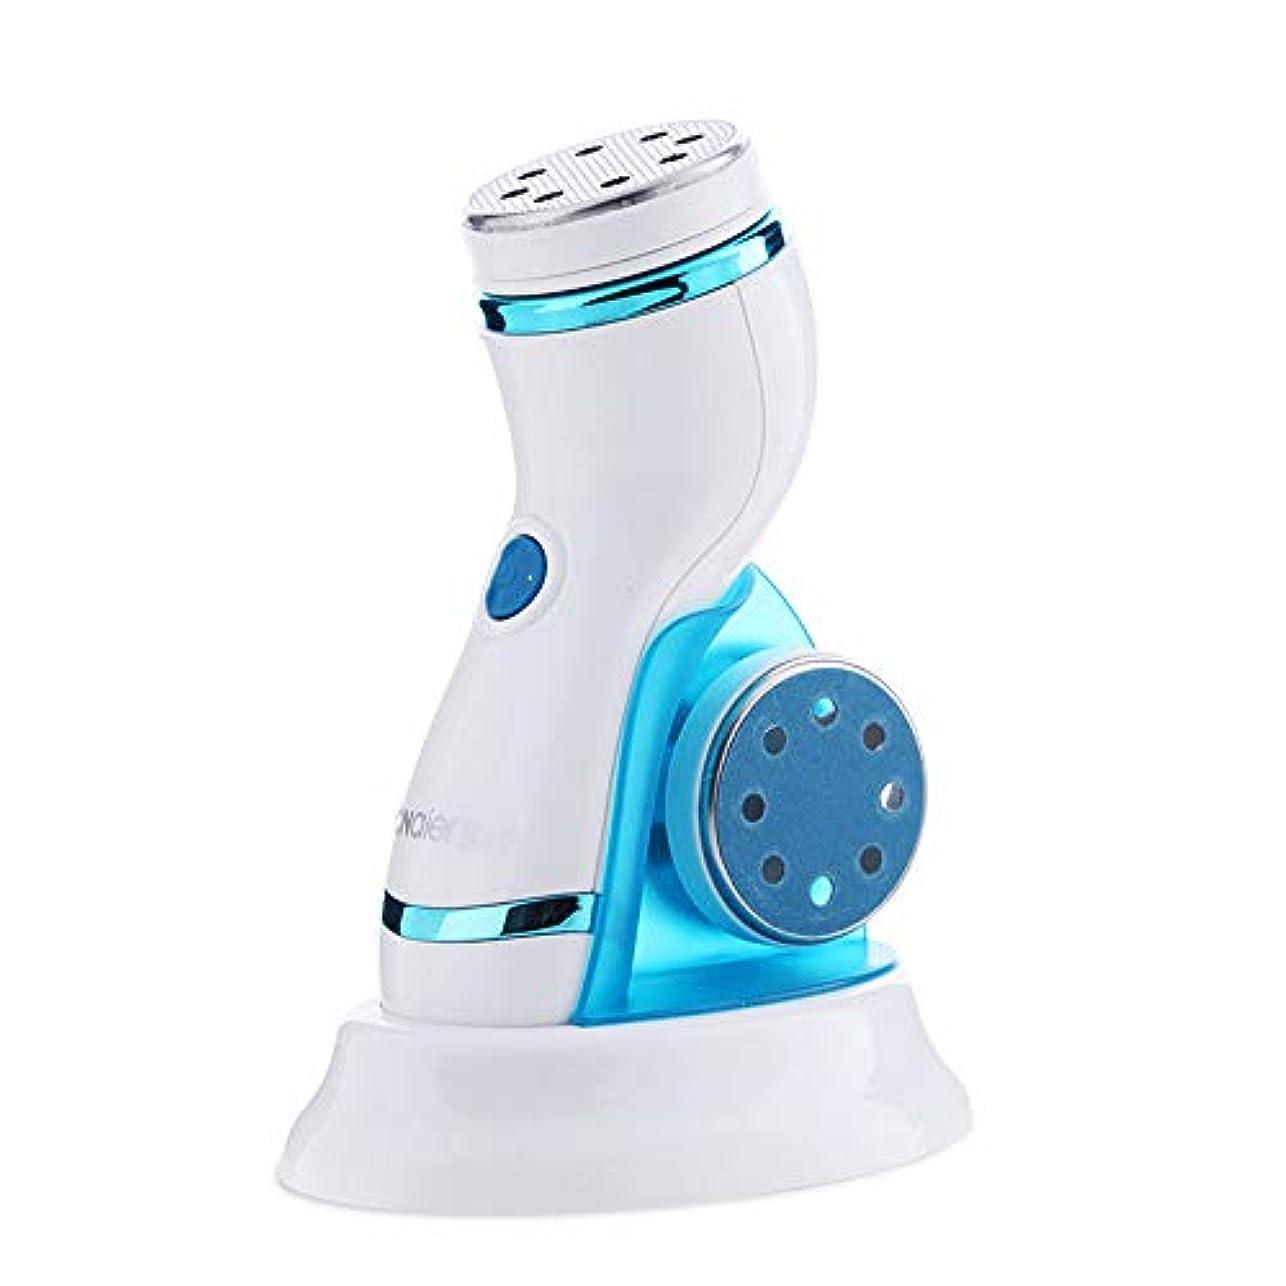 鳴らすはちみつ悲鳴電気ハードスキンリムーバー、プロの充電式フットファイルラスプ用デッドスキンを取り除き、角質を減らすペディキュアツール、カルスリムーバー、乾いたデッド、ひびの入った足